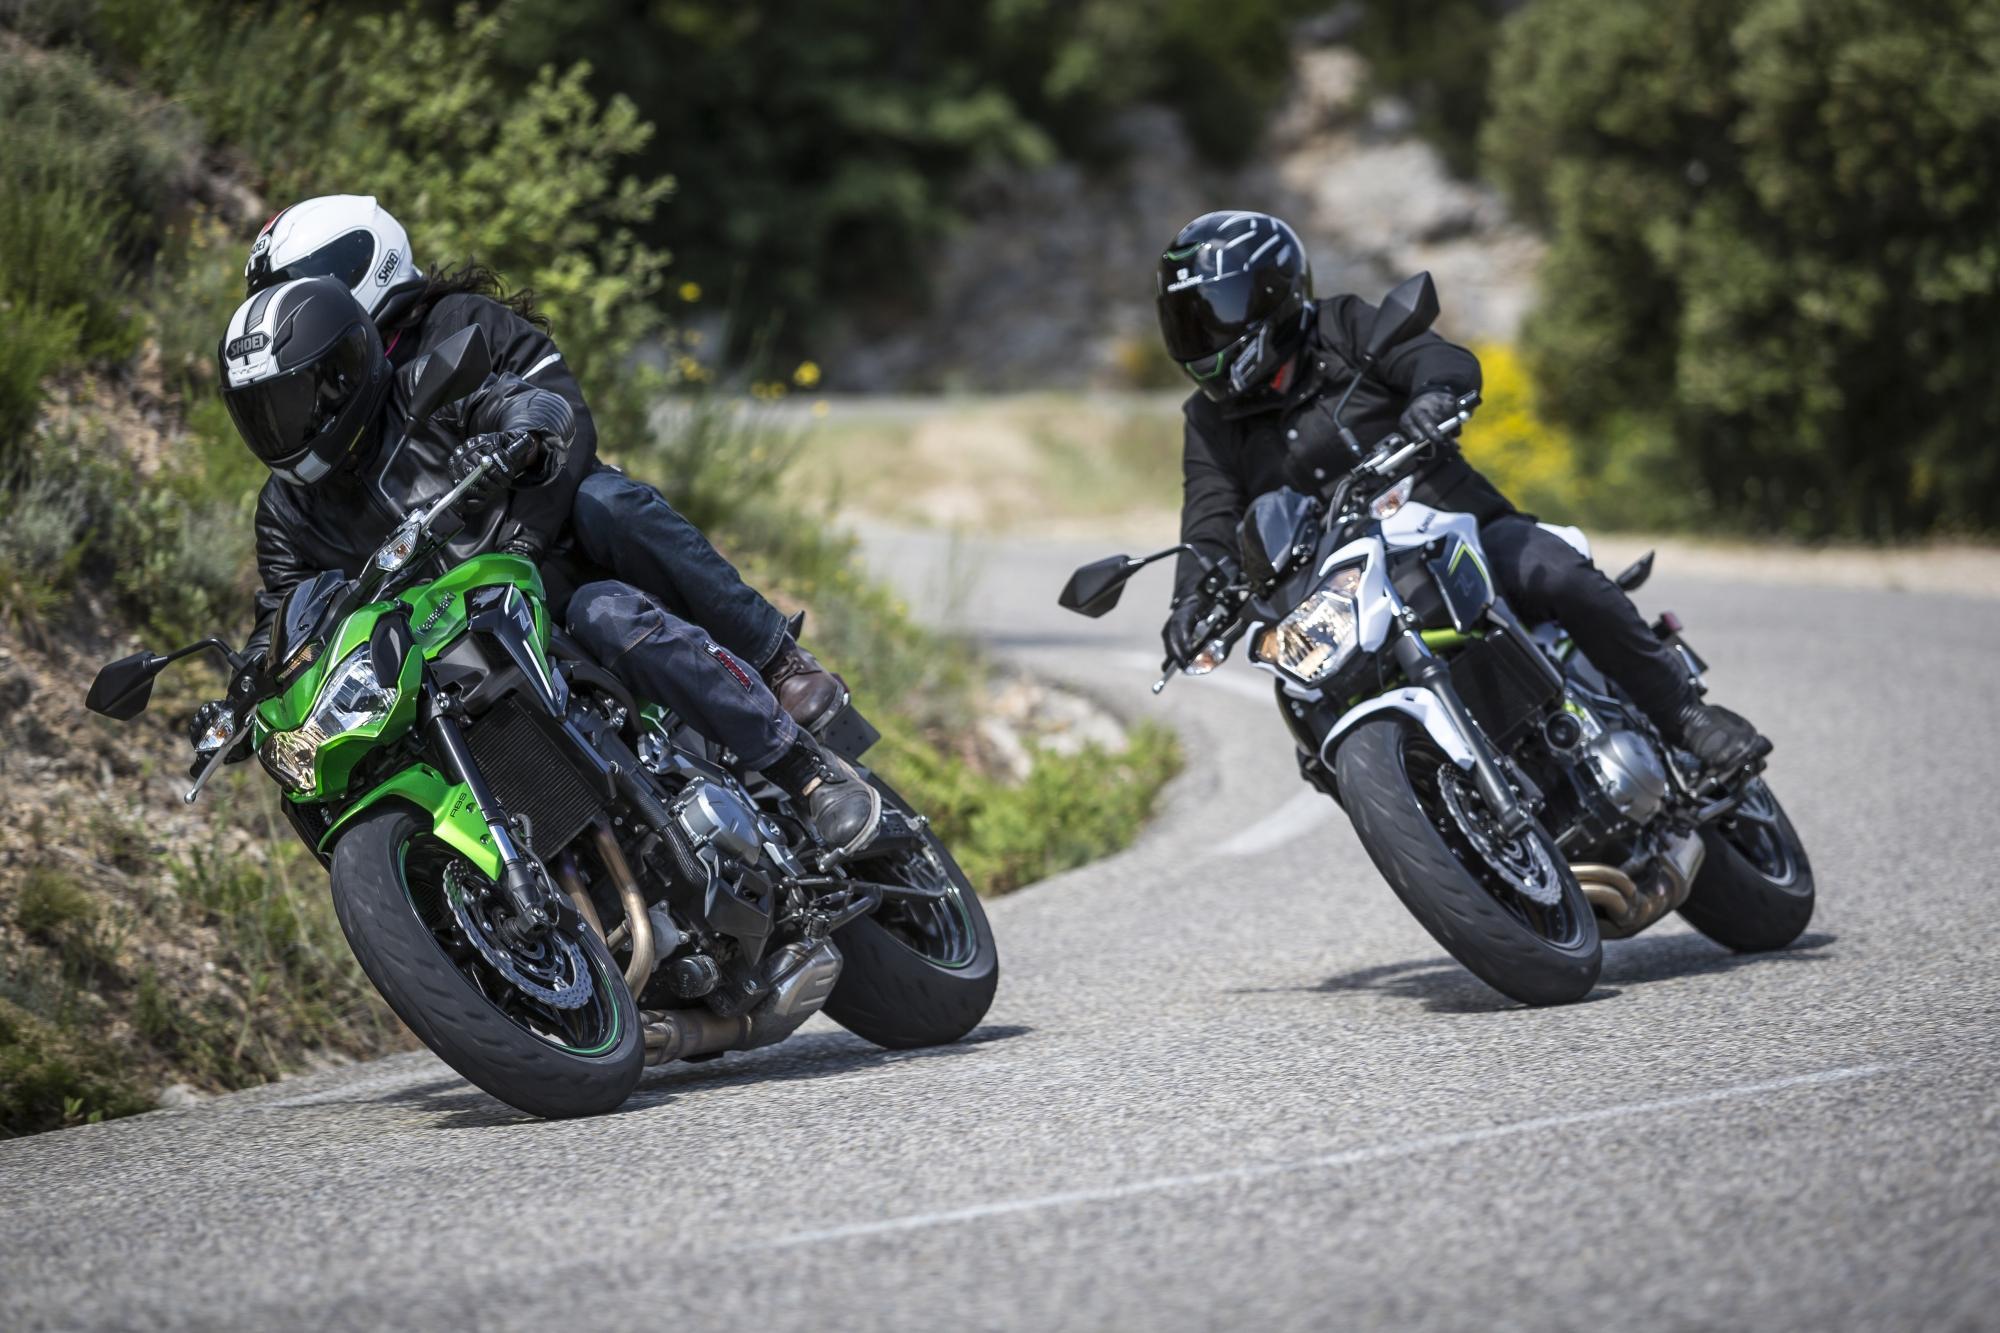 Новогодний подарок от Мишлен для владельцев спортивных мотоциклов туринг-класса